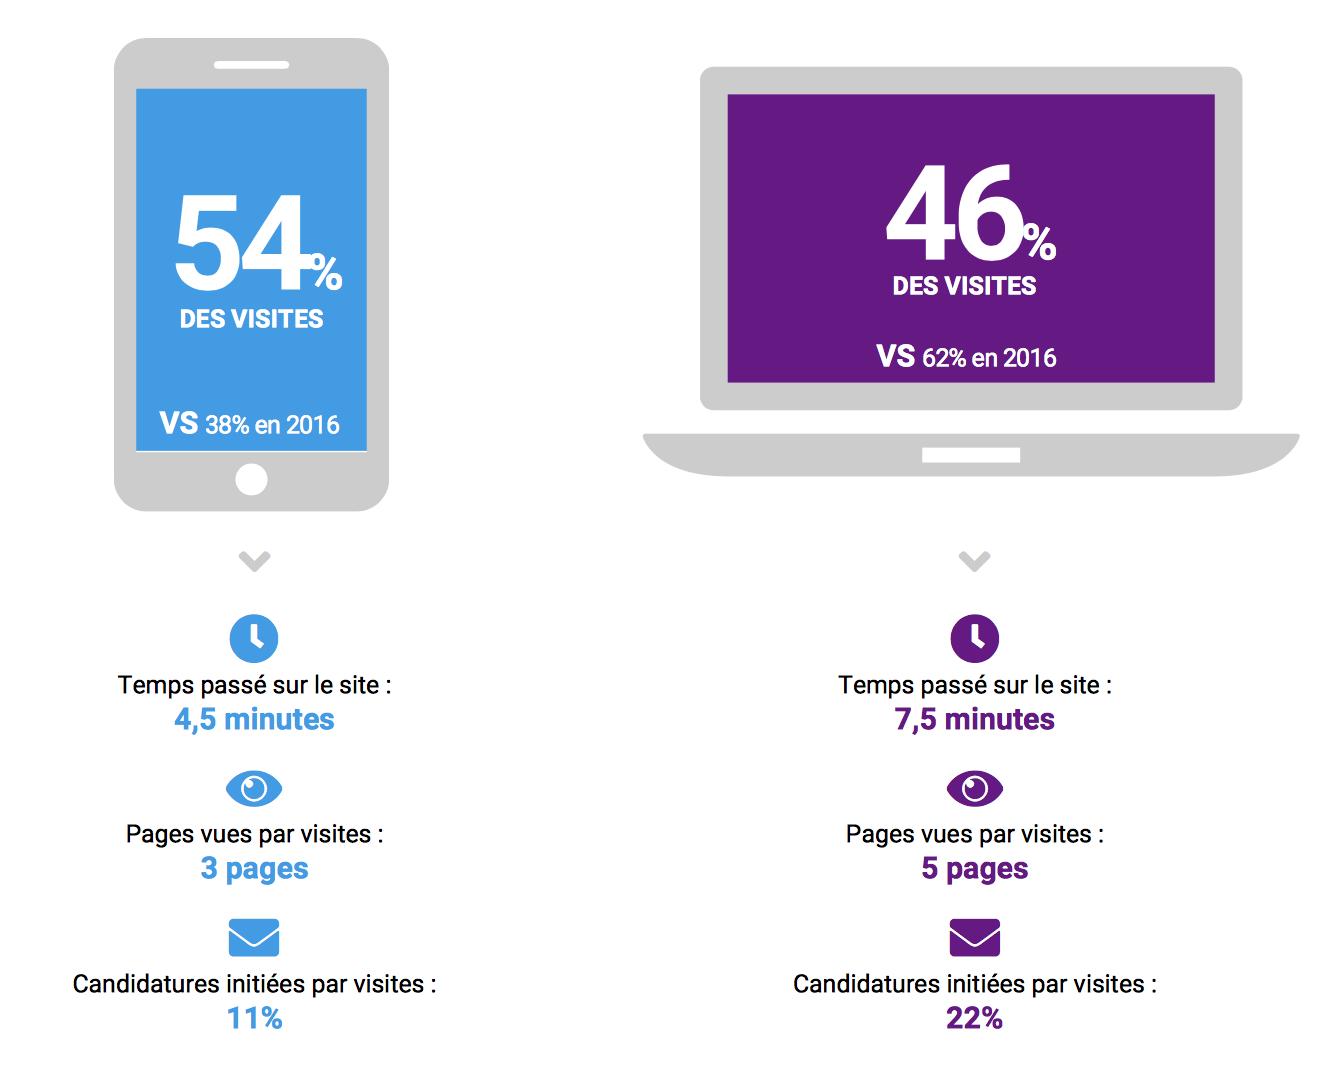 Les usages évoluent au profit du mobile